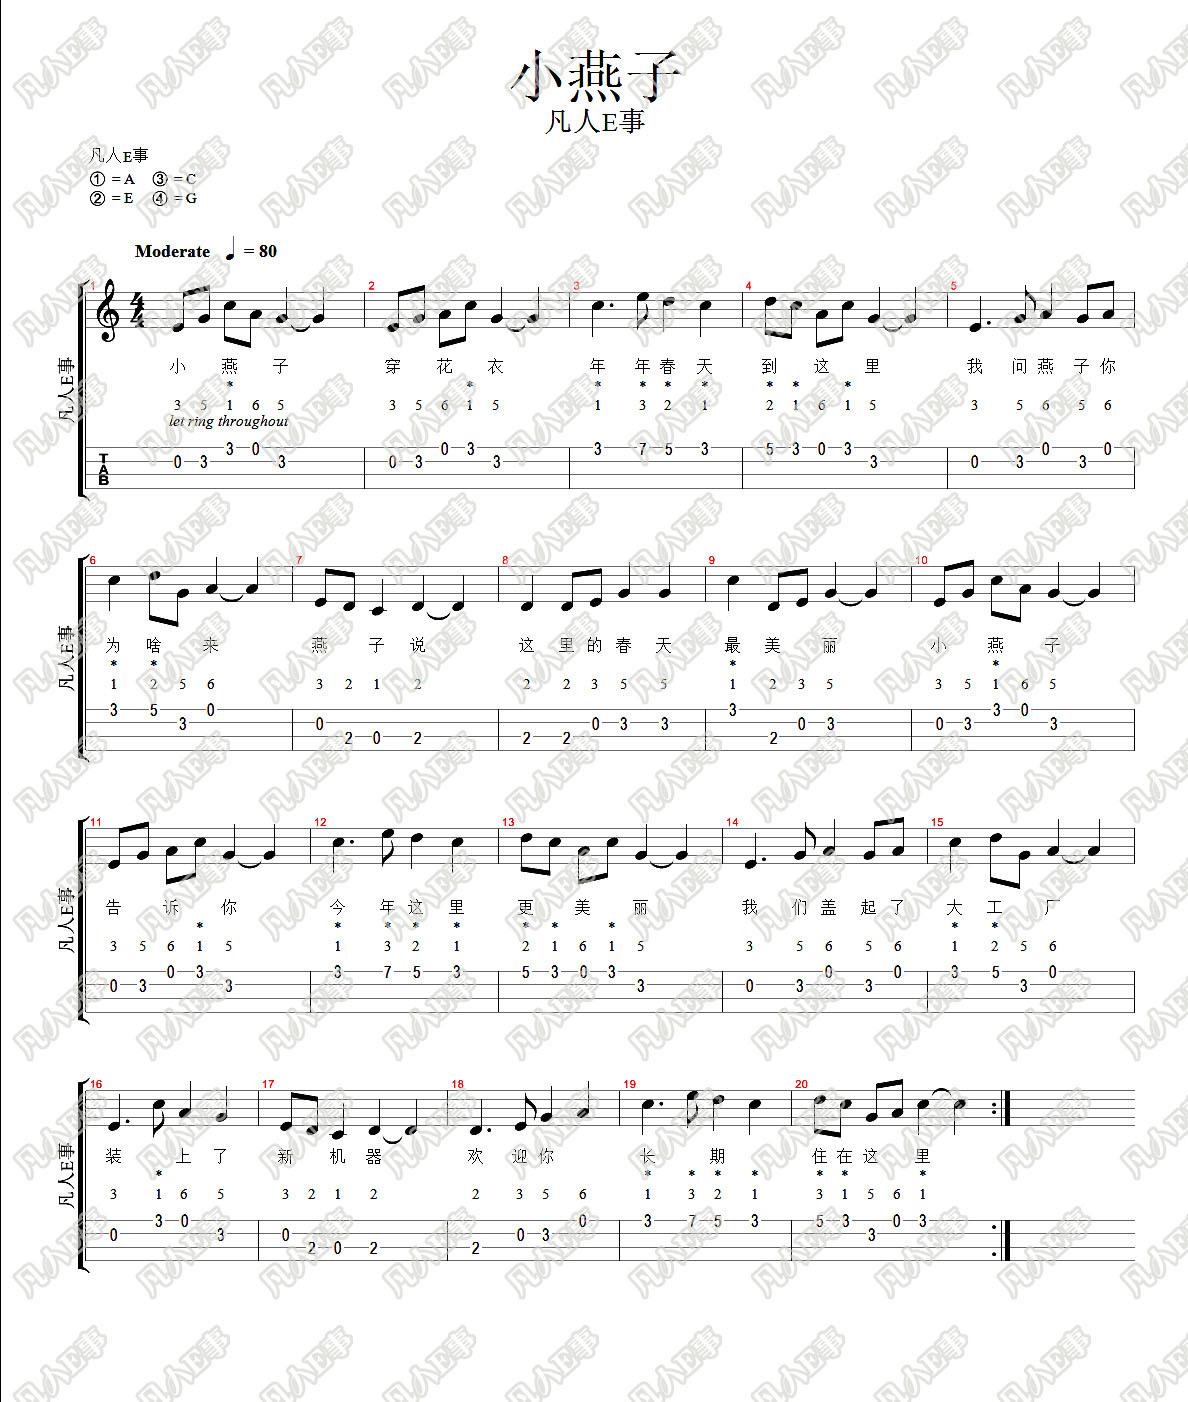 正文  本尤克里里单音练习曲汇总主要是为少年儿童学习尤克里里而制作